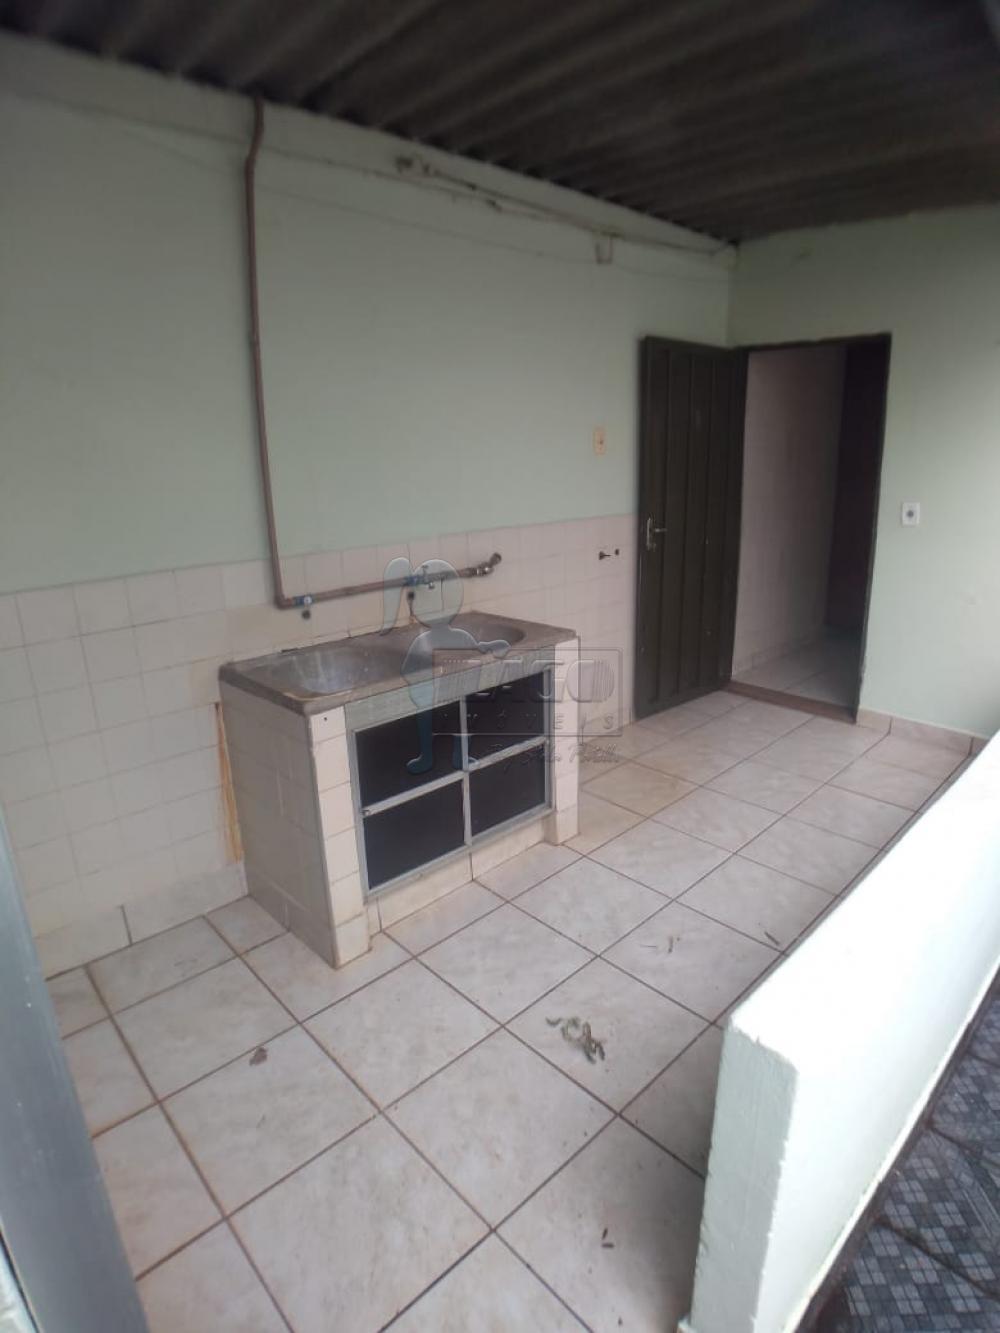 Comprar Casas / Padrão em Ribeirão Preto apenas R$ 335.000,00 - Foto 14